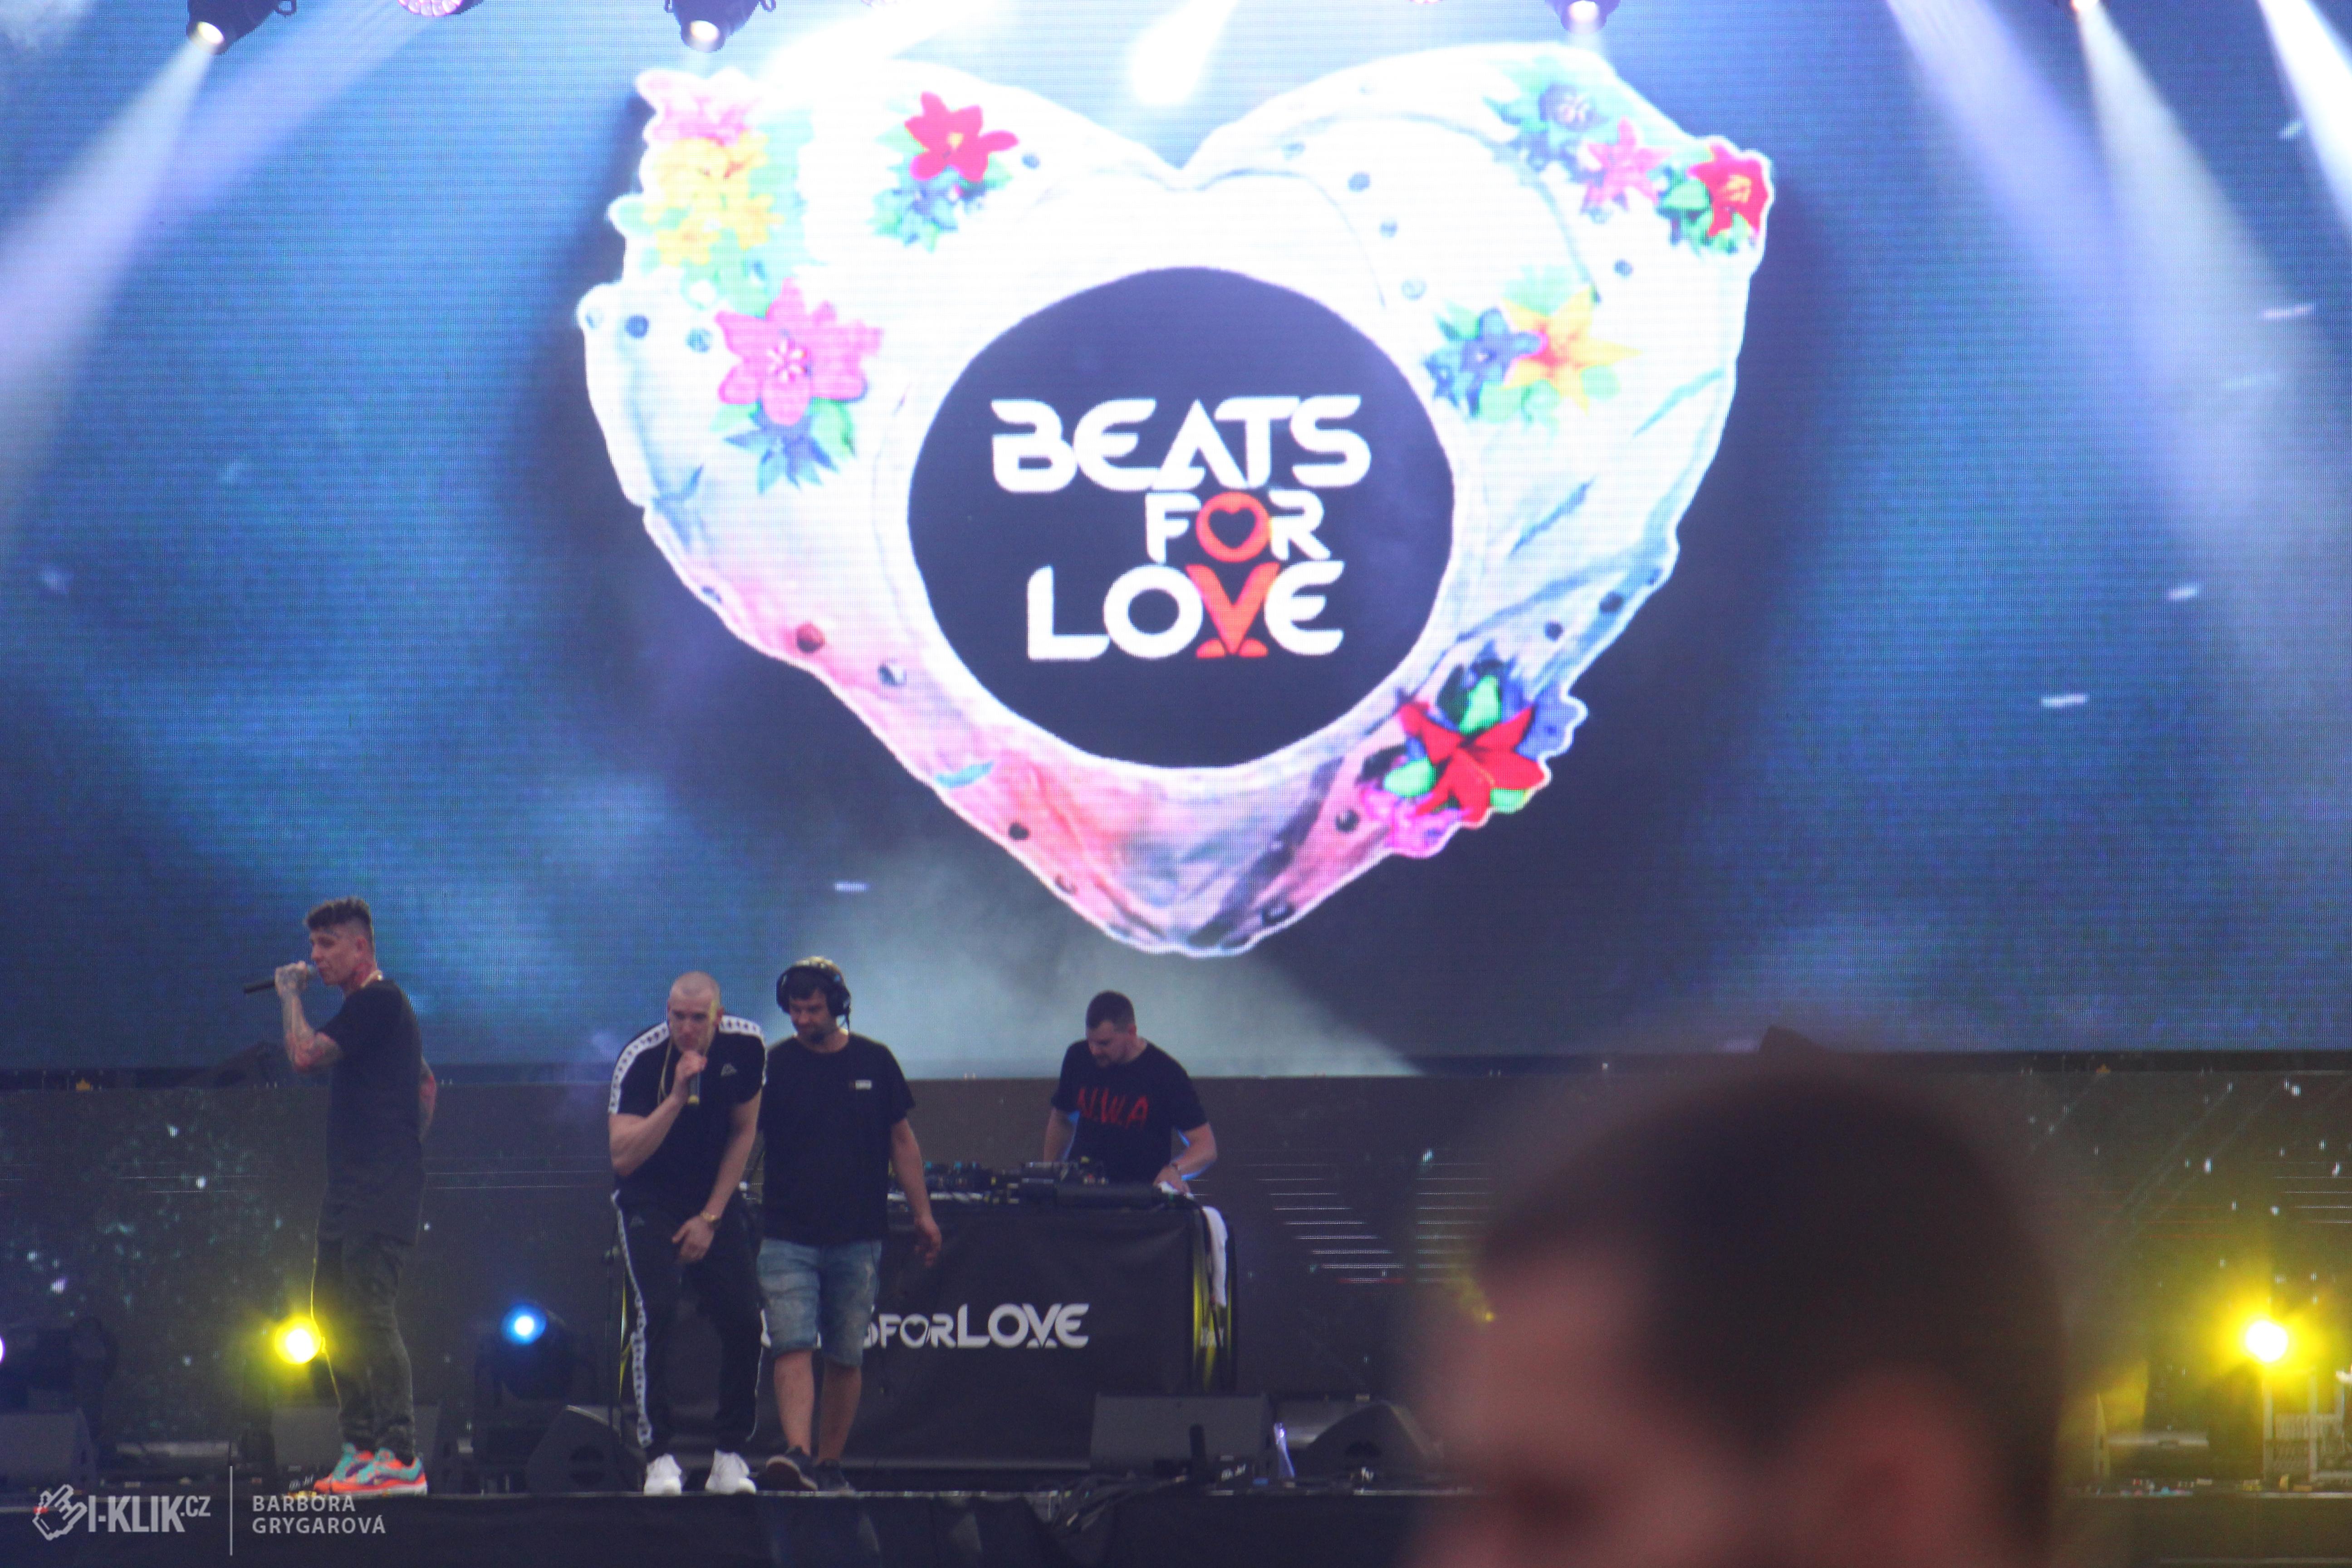 Letní láska opět na scéně. Beats for Love 2019 tě uhrane!